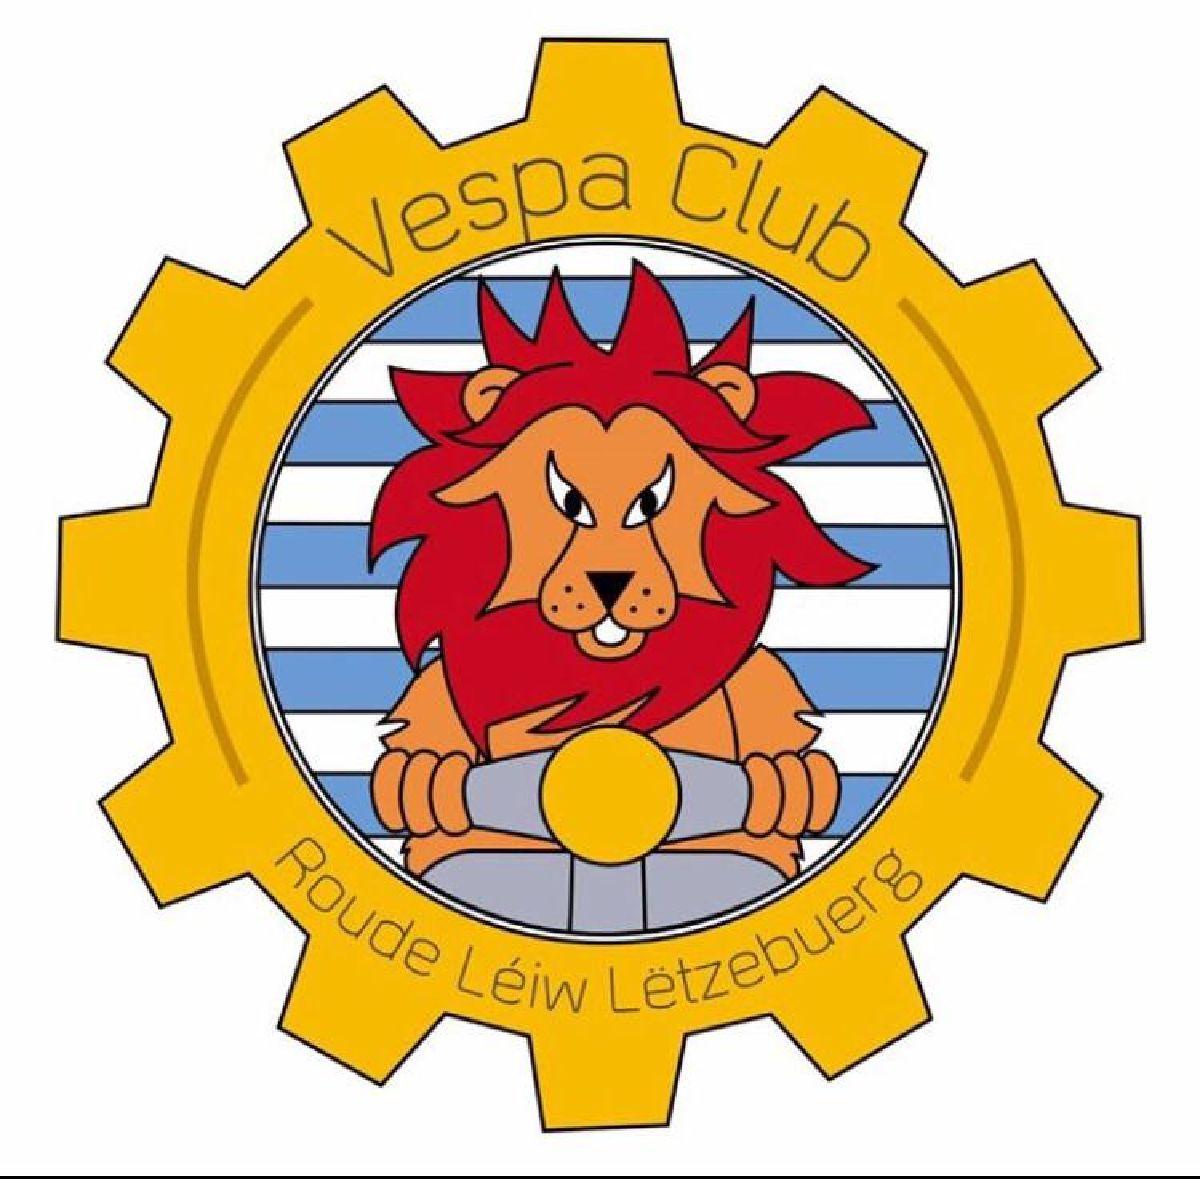 Nei Website vum Vespa Club Roude Léiw Lëtzebuerg